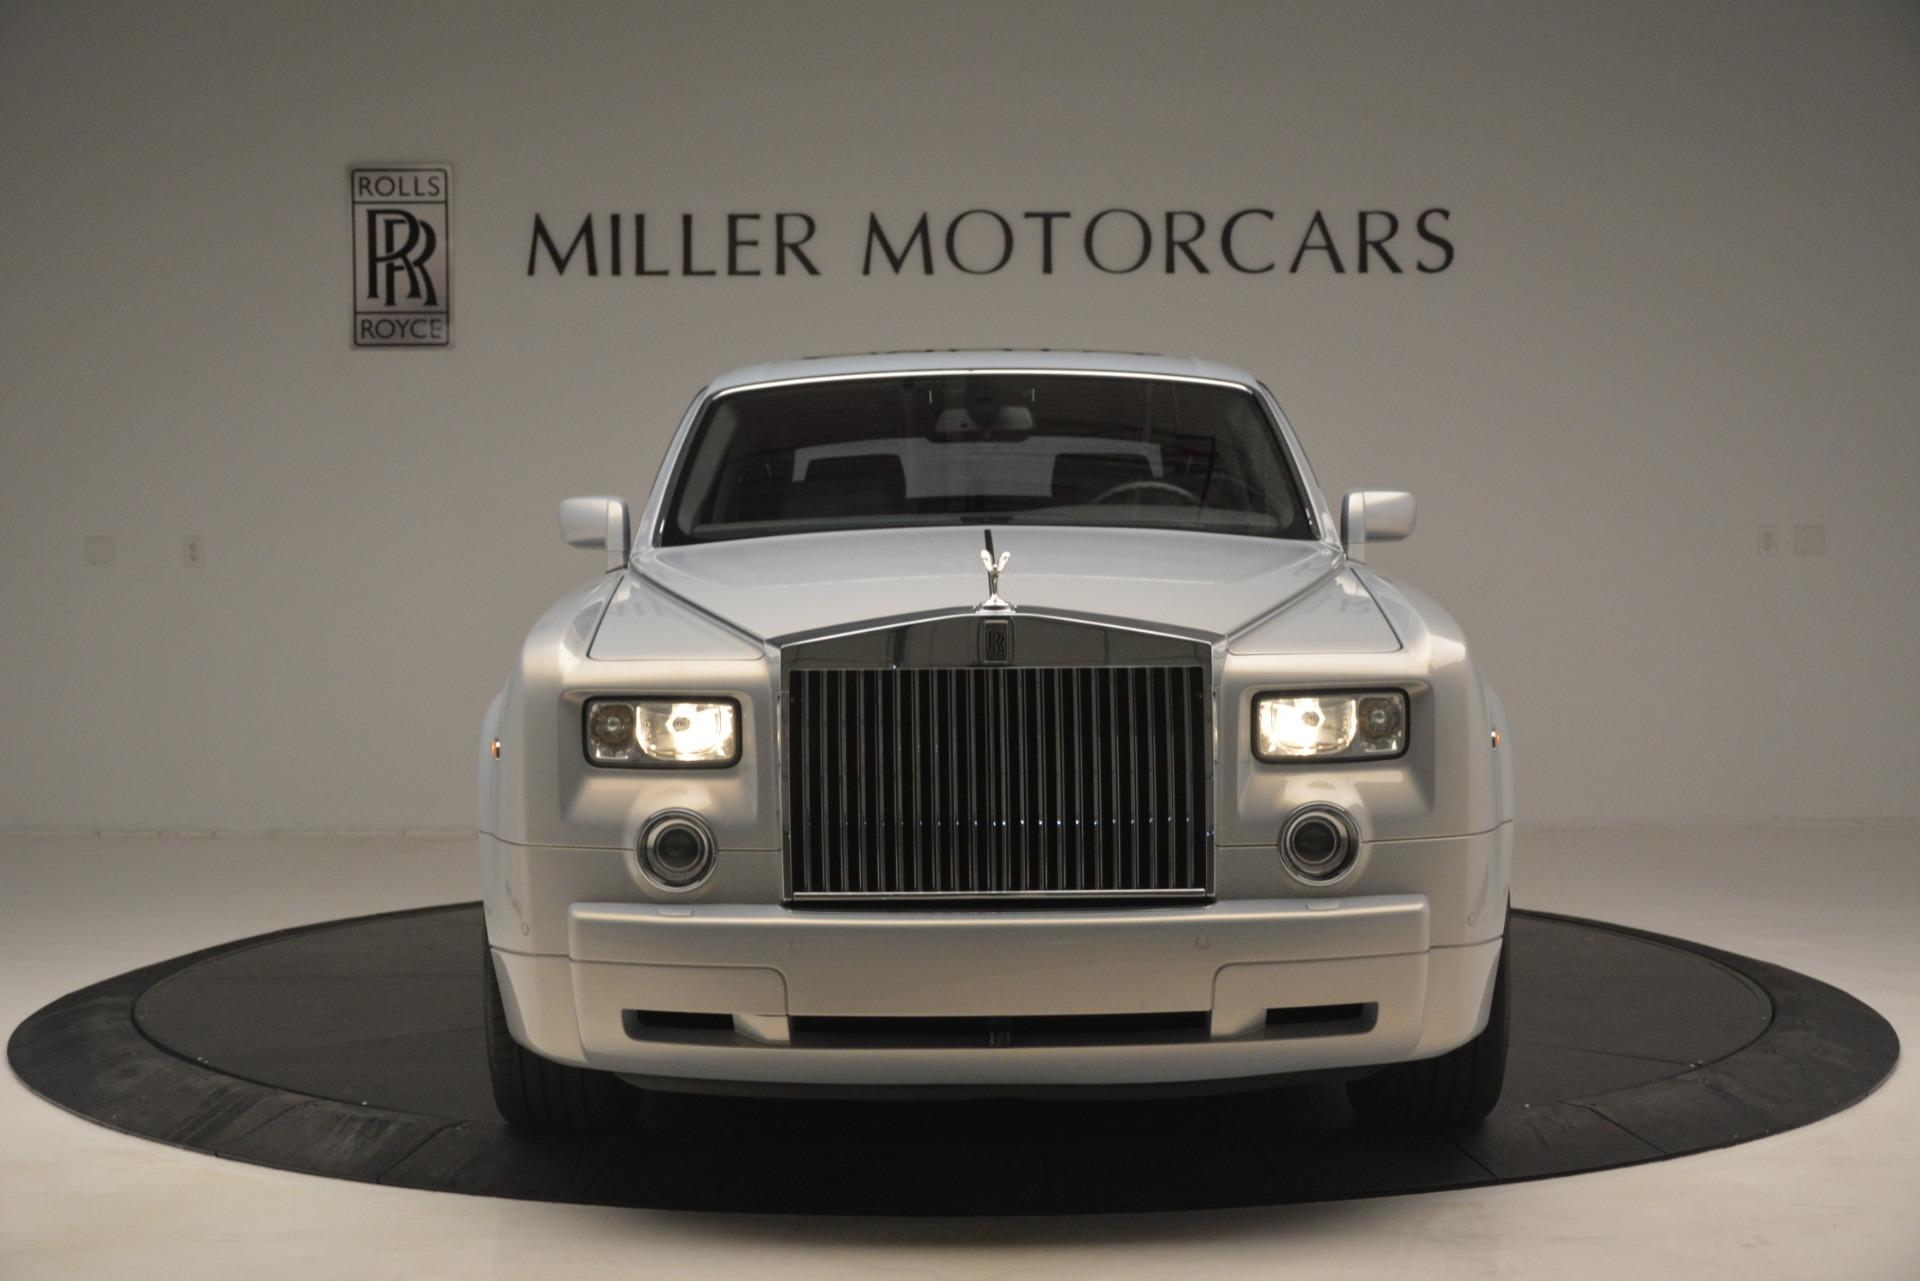 Used 2007 Rolls-Royce Phantom  For Sale In Westport, CT 3089_p2